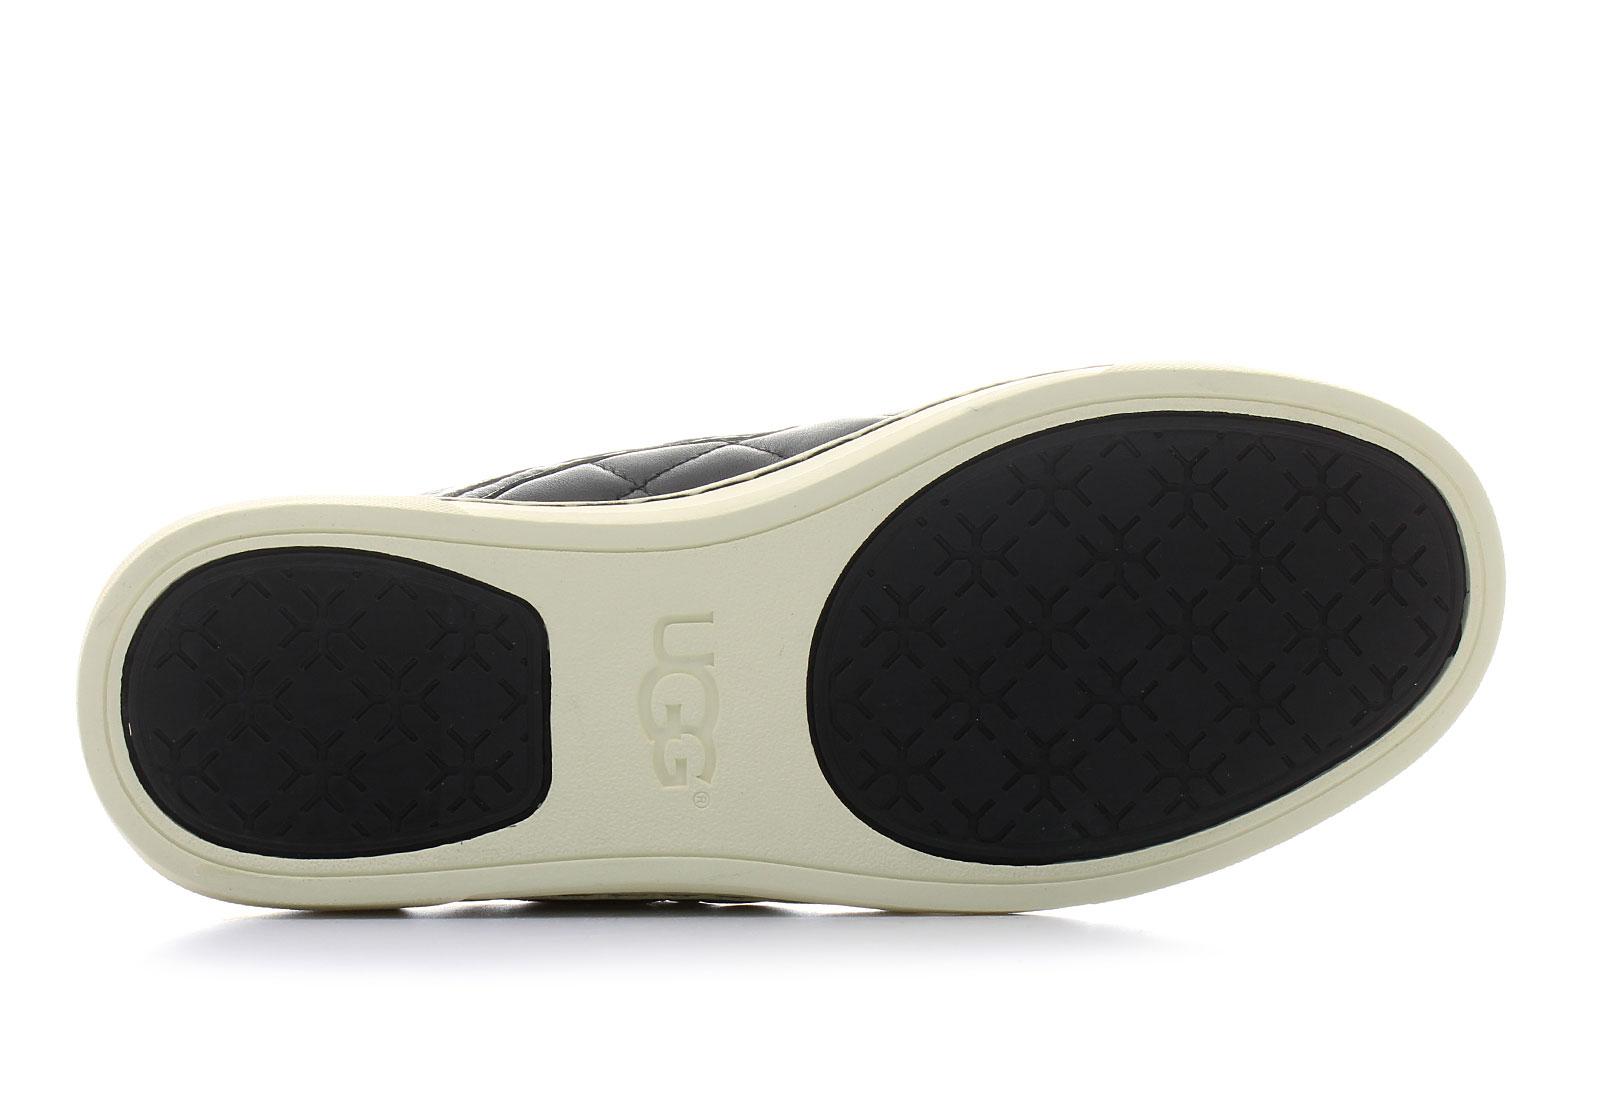 Ugg Cipő - Fierce Deco Quilt - 1014369-BLK - Office Shoes Magyarország e4b847da90